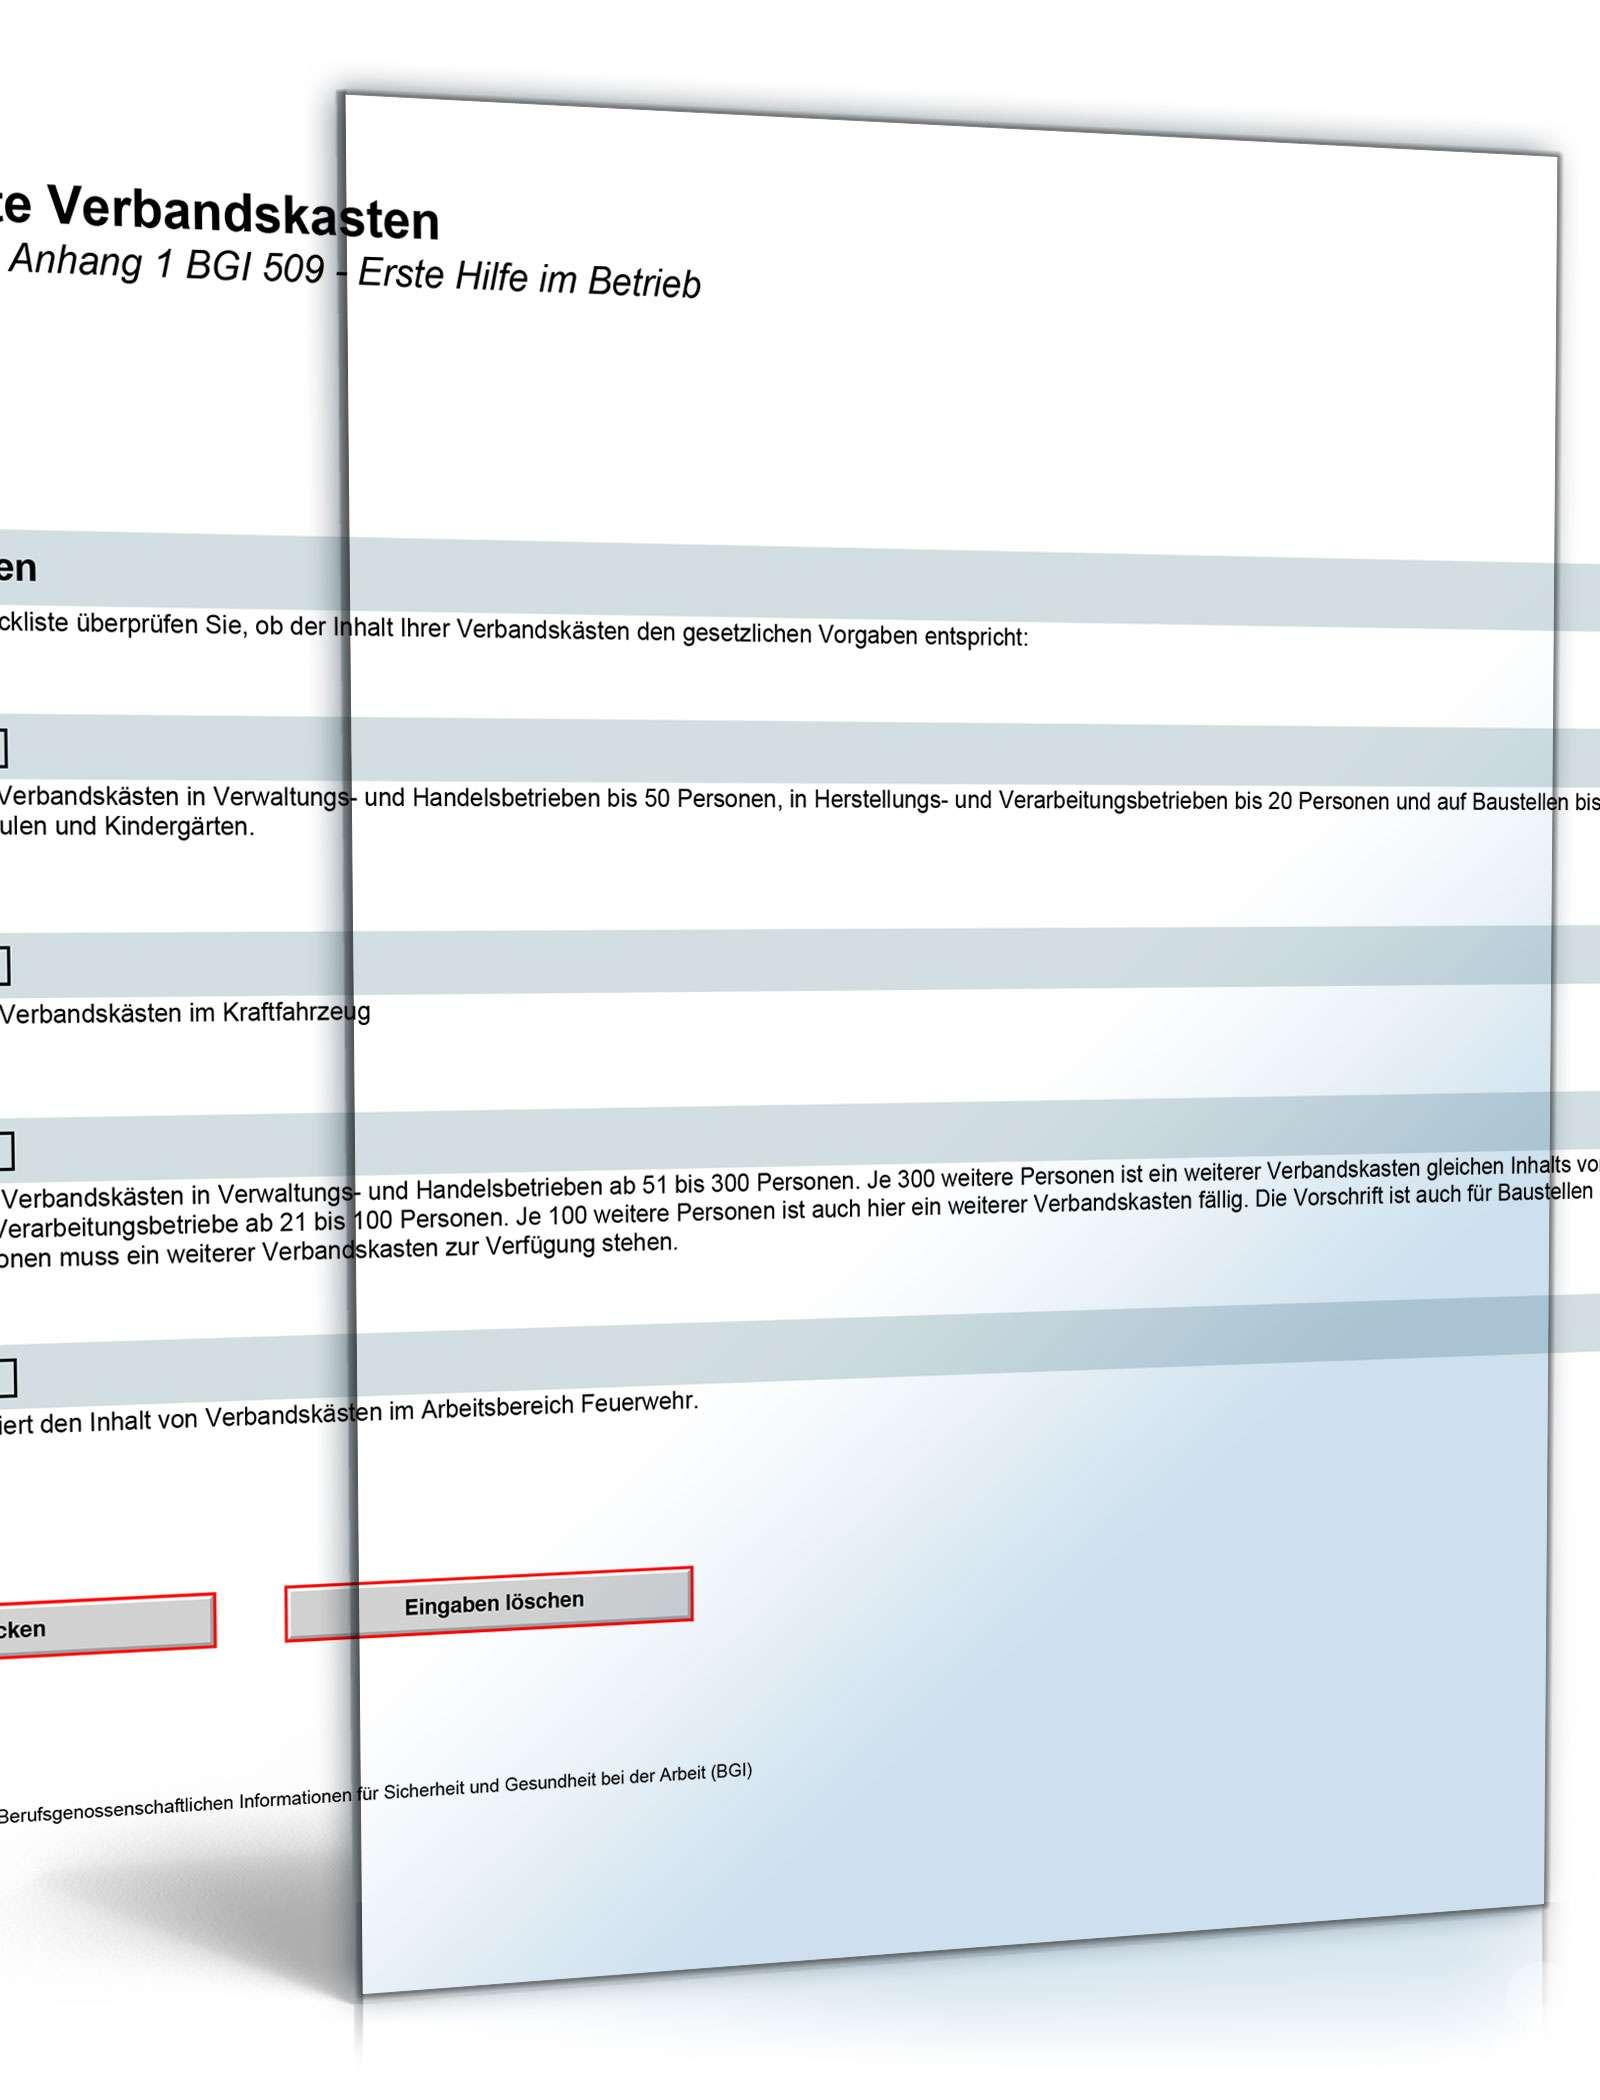 Fantastisch Iso Audit Checklistenvorlage Galerie - Beispiel ...